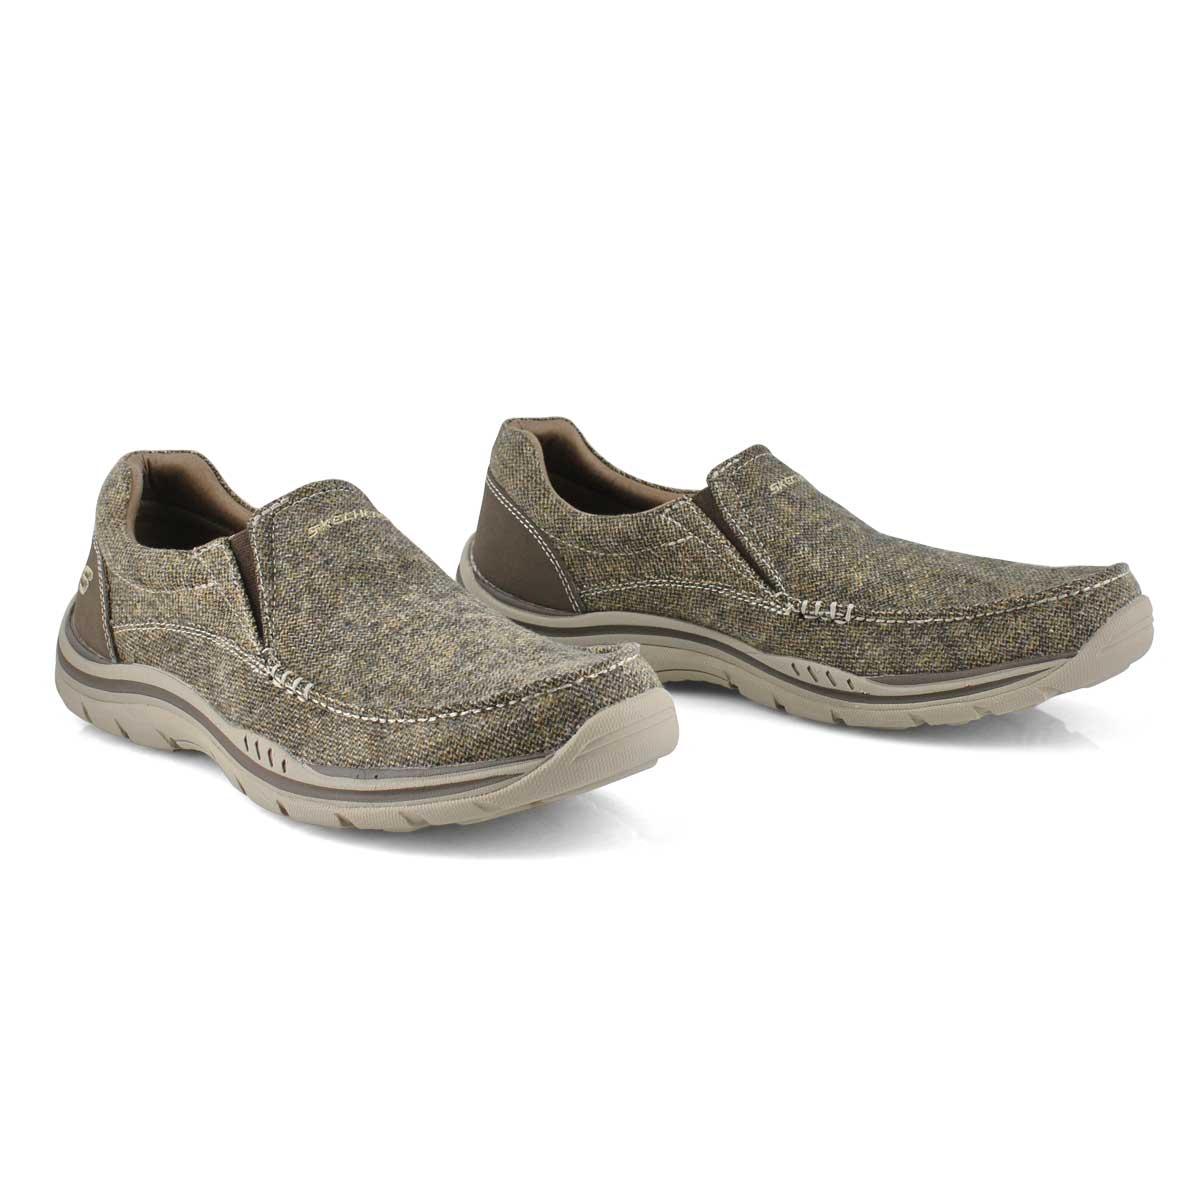 Mns Avillo dk brn slip on casual shoe